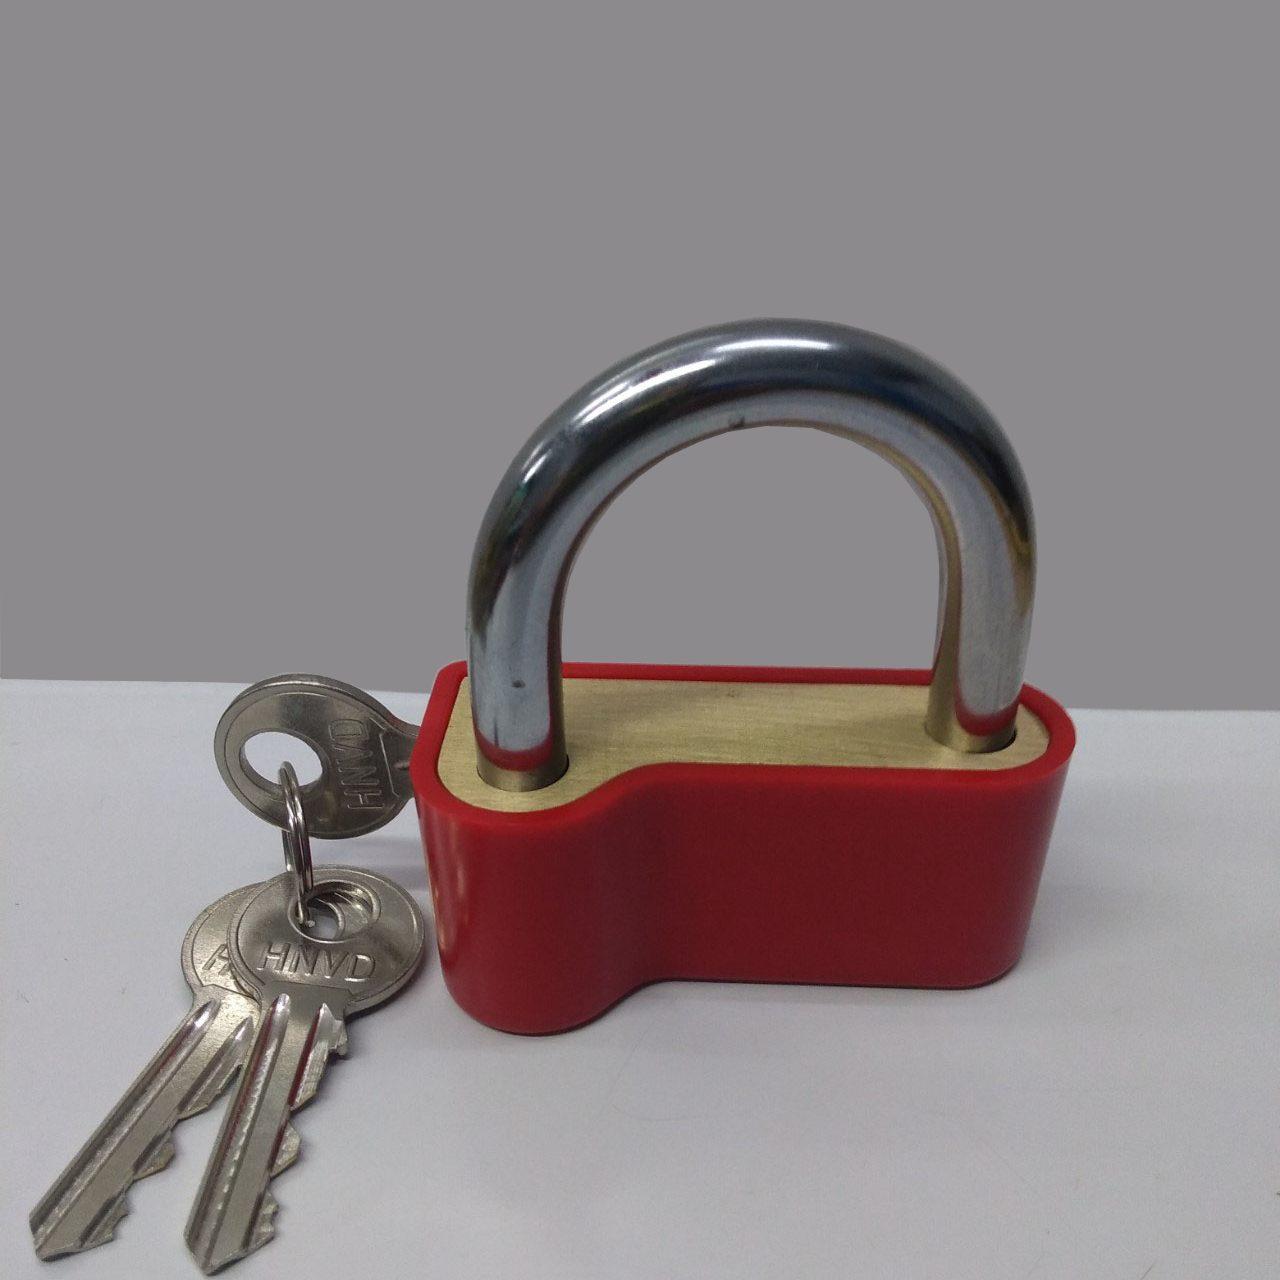 Ổ khóa móc treo HNVD 7 phân 678-CR40